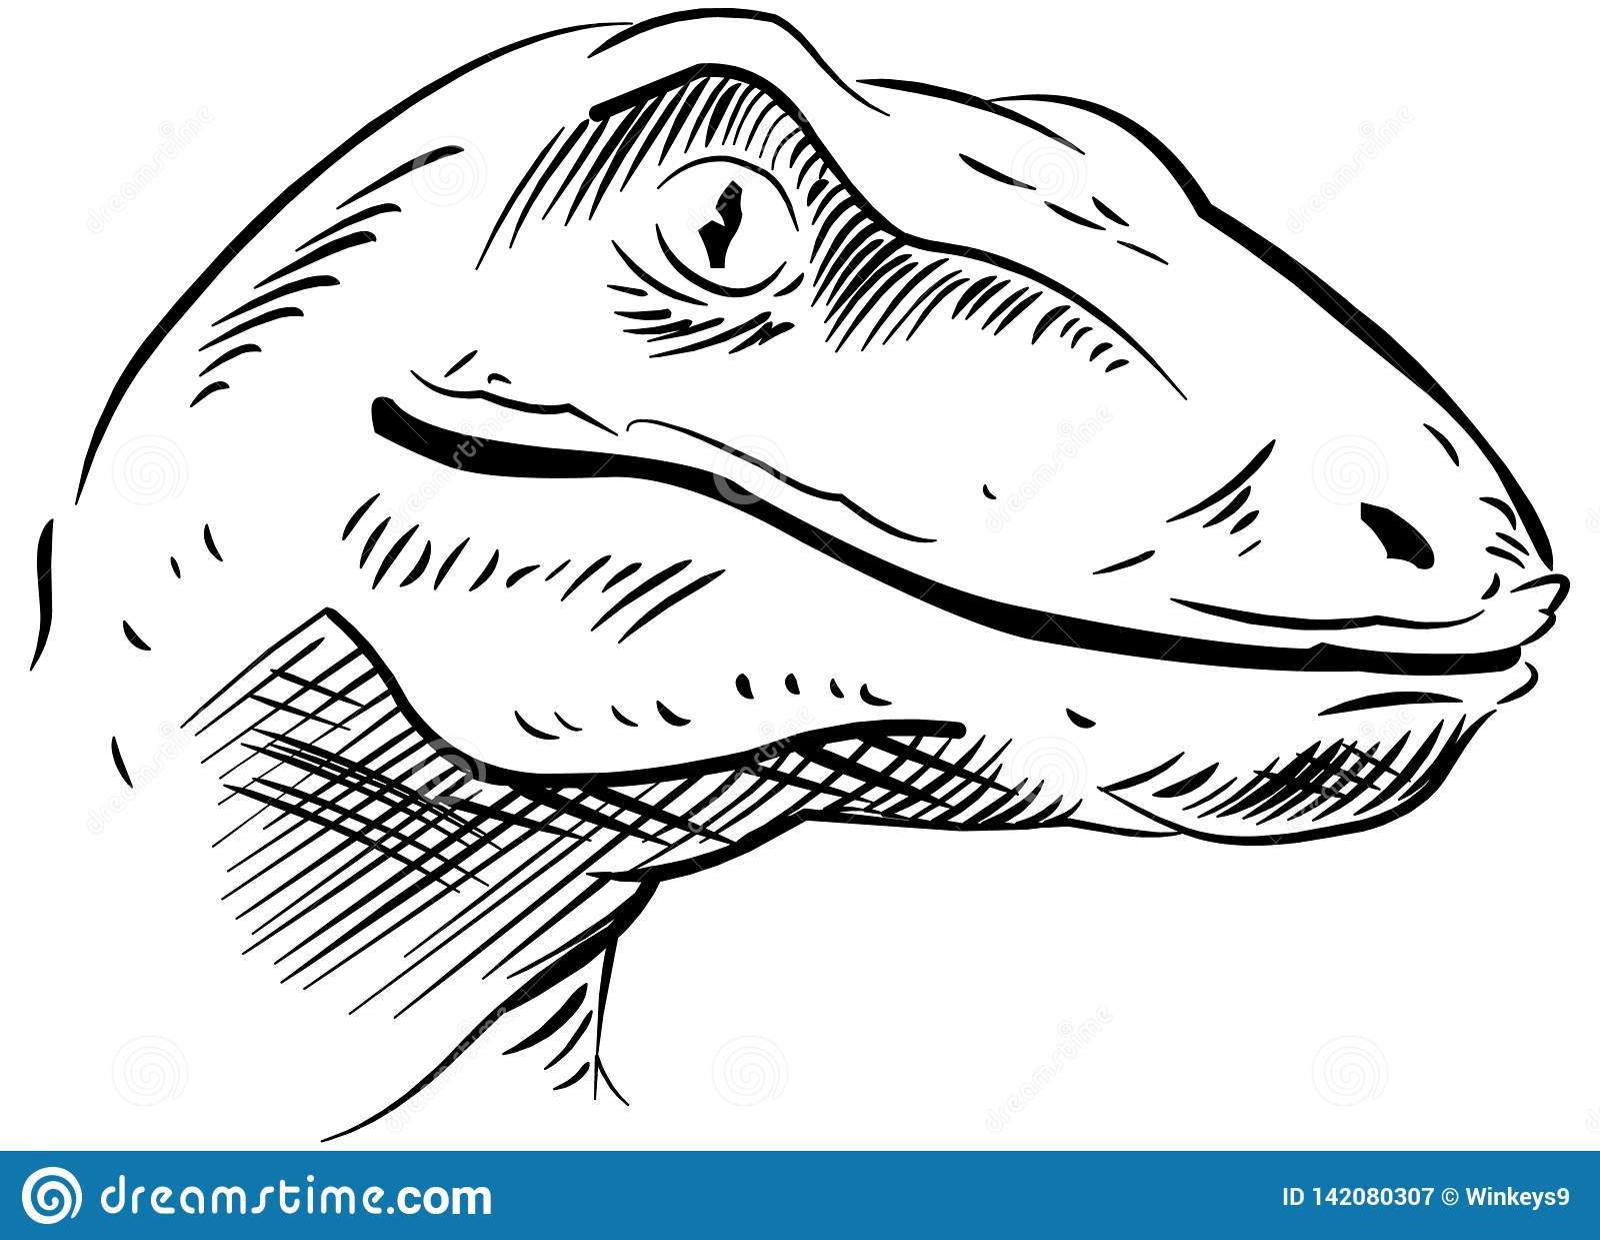 恐龙头的剪影